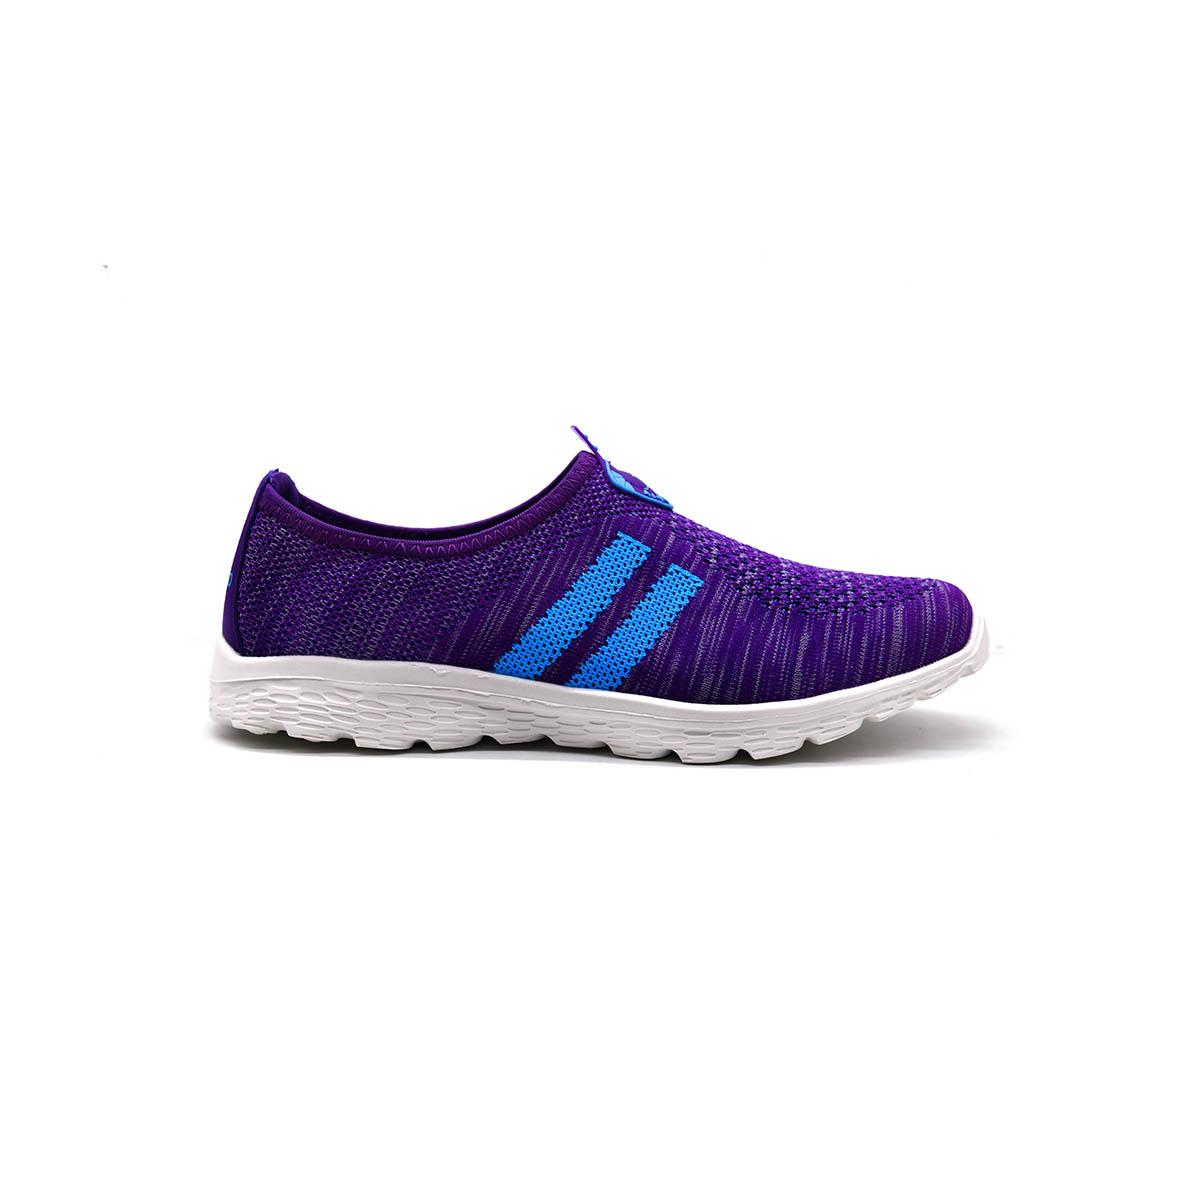 بالصور احذية رياضية , ملابس لممارسة الرياضة 6135 3